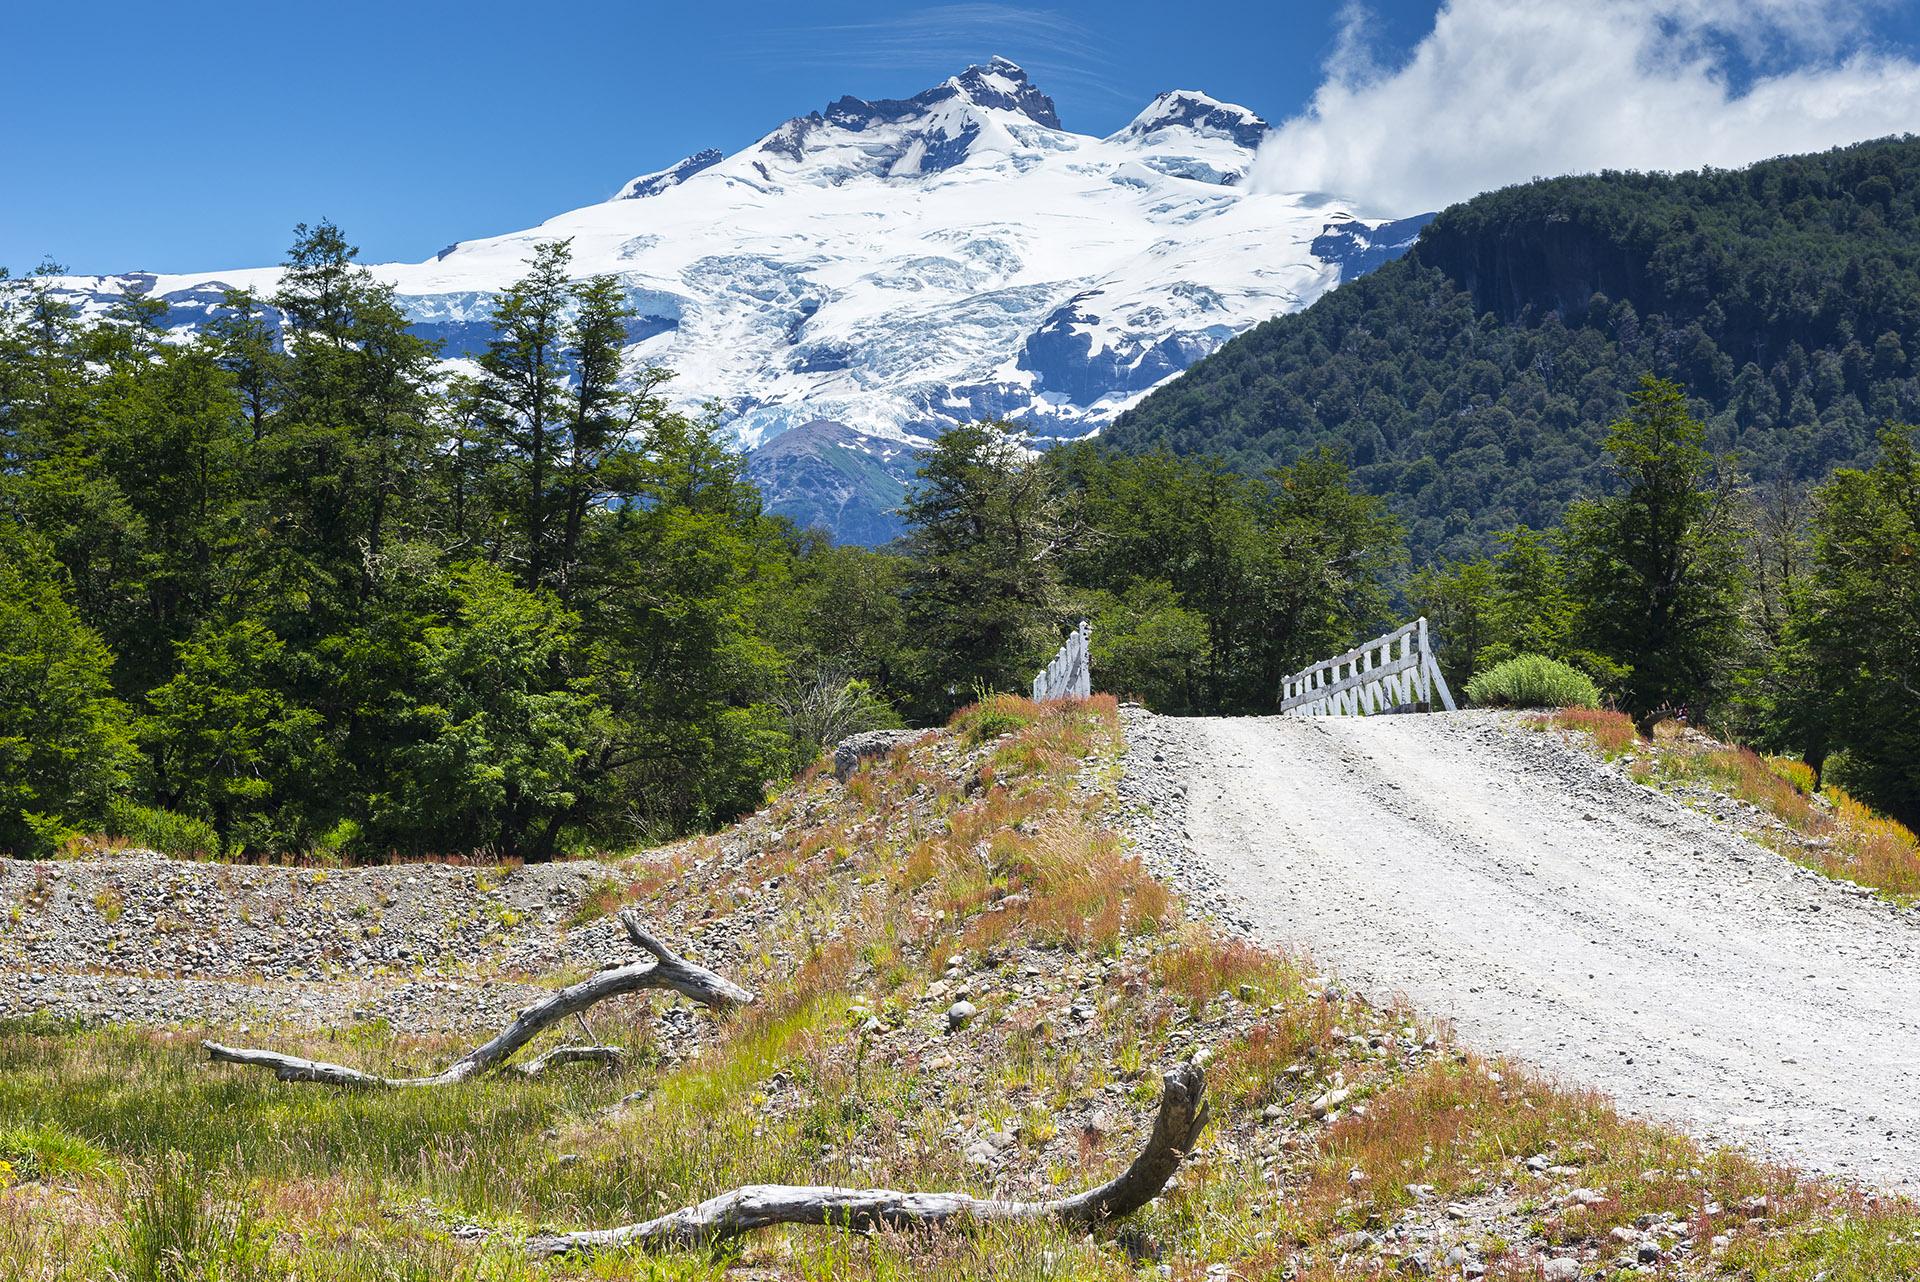 En el parque se encuentran marcados los senderos para el visitante (Shutterstock)